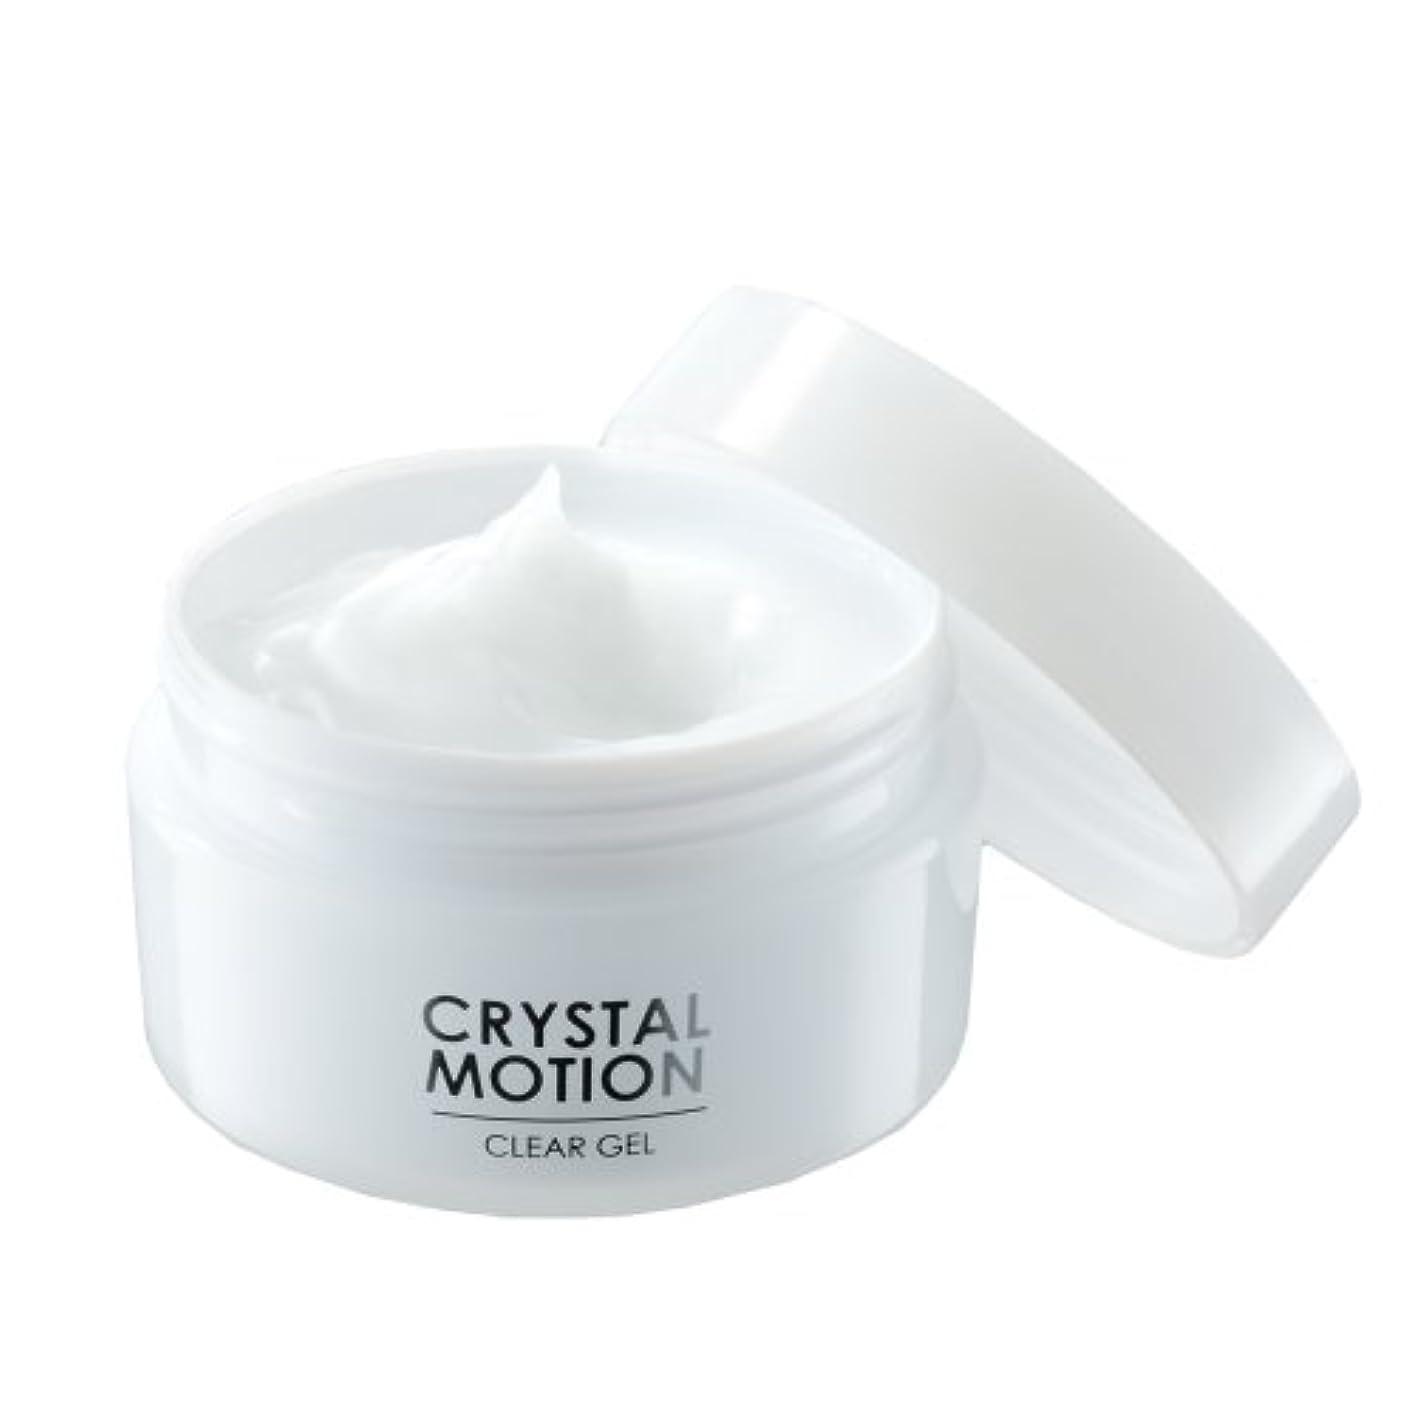 振動させる組み合わせ作るクリスタルモーション CRYSTAL MOTION 薬用ニキビケアジェル 保湿 乾燥 美白 美肌 ニキビ 予防 1ヶ月分 60g